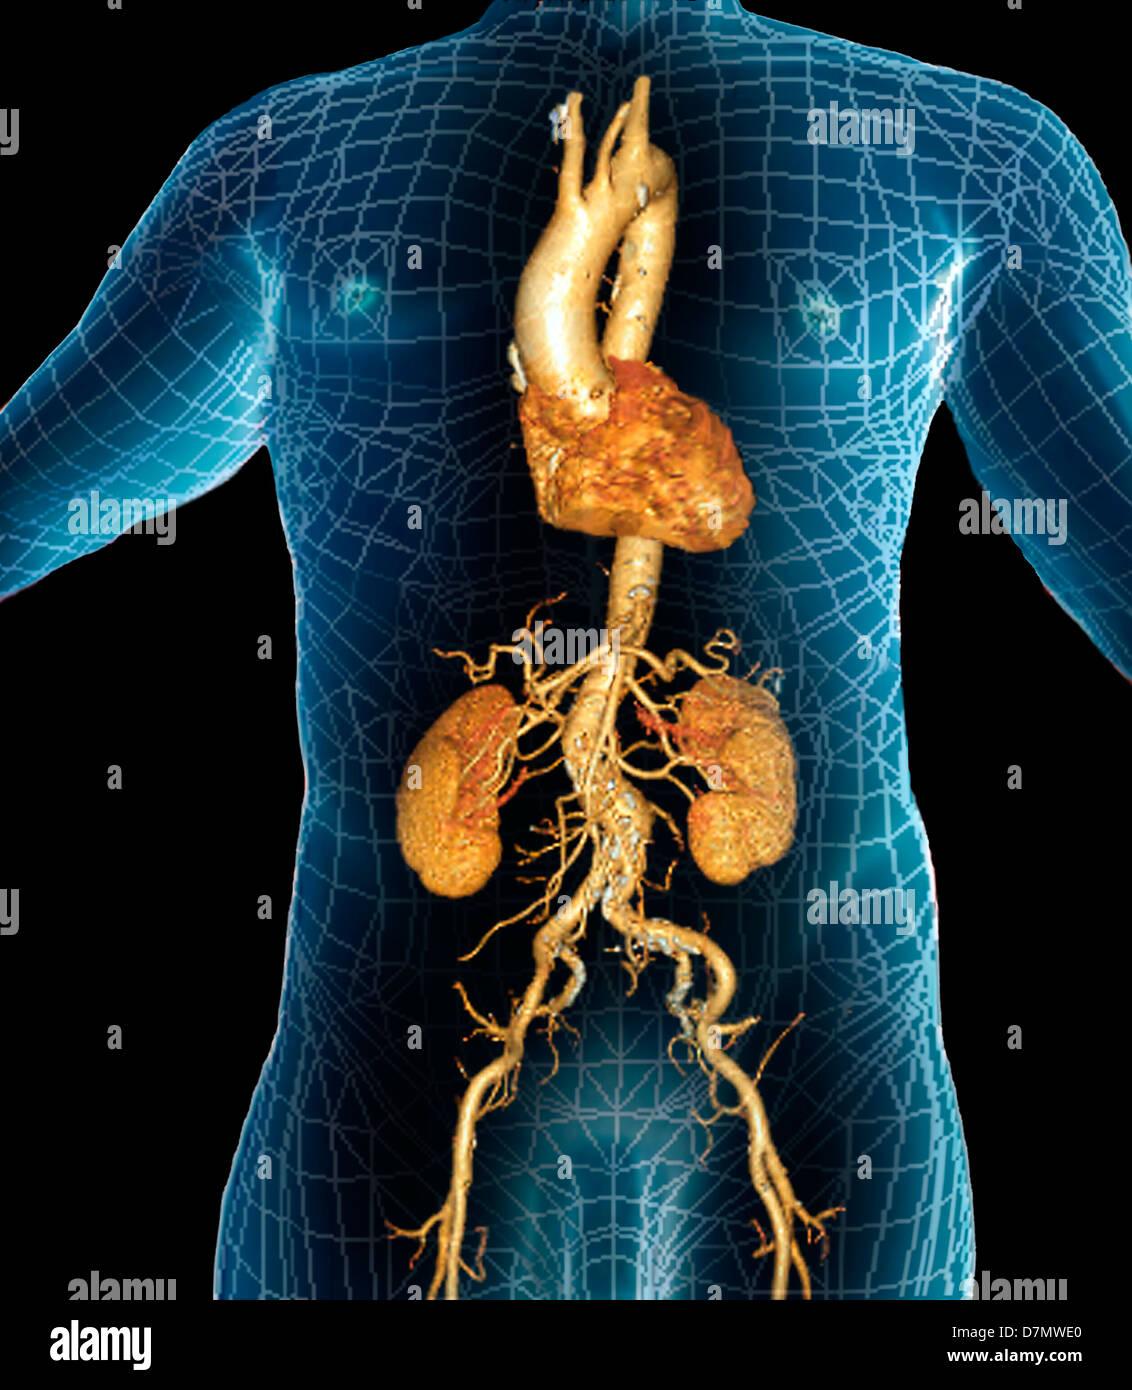 3d Abdomen Abdominal Anatomical Stock Photos & 3d Abdomen Abdominal ...